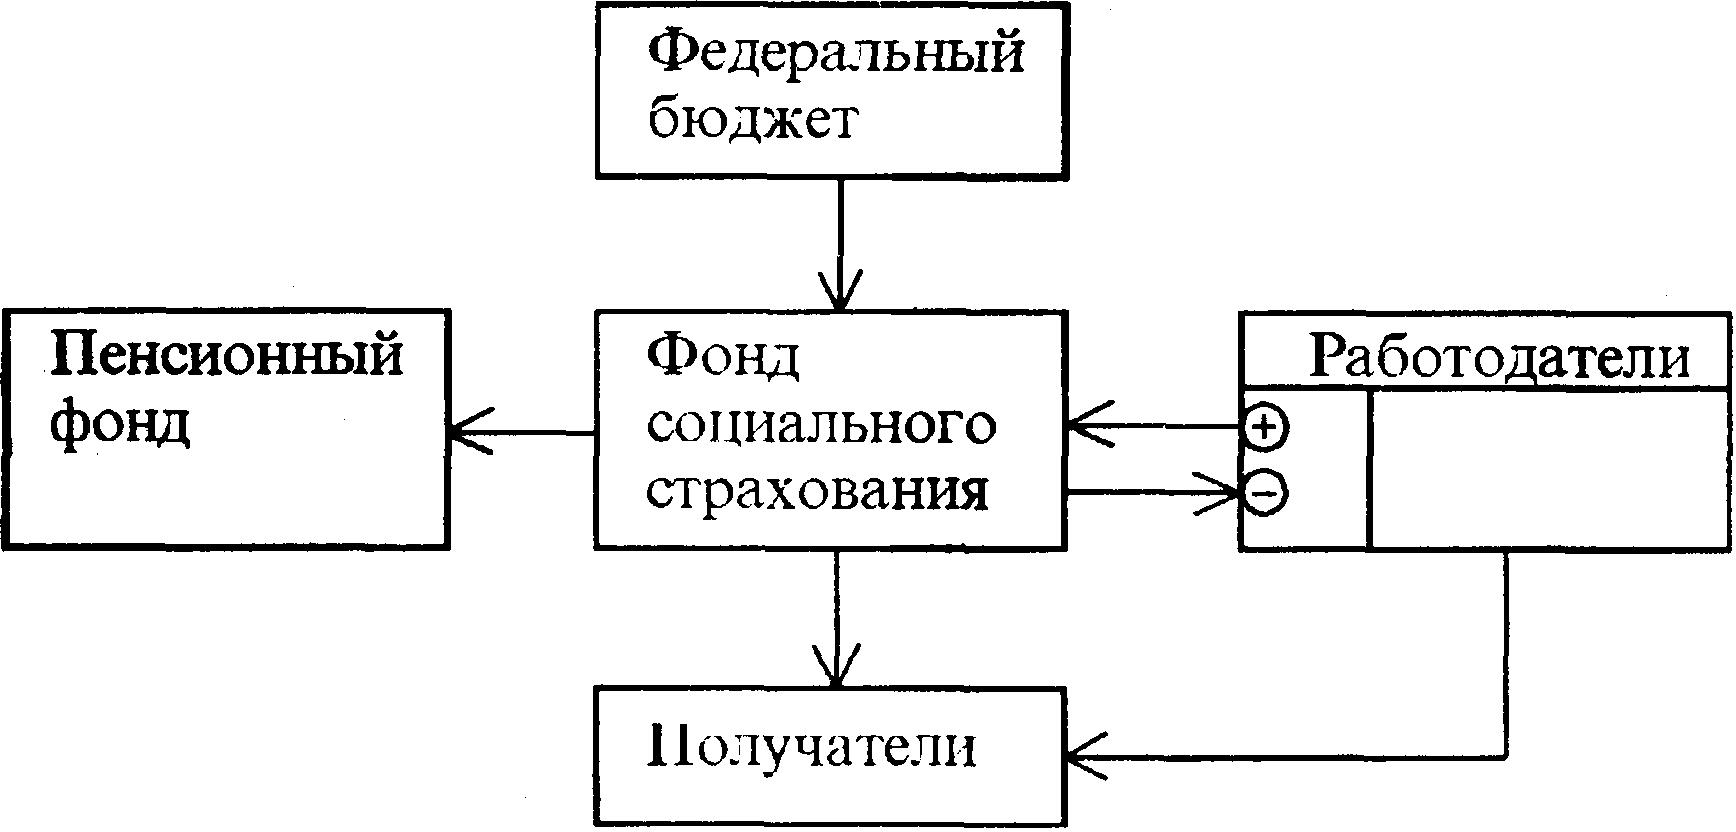 Финансовые потоки ФСС Российской Федерации